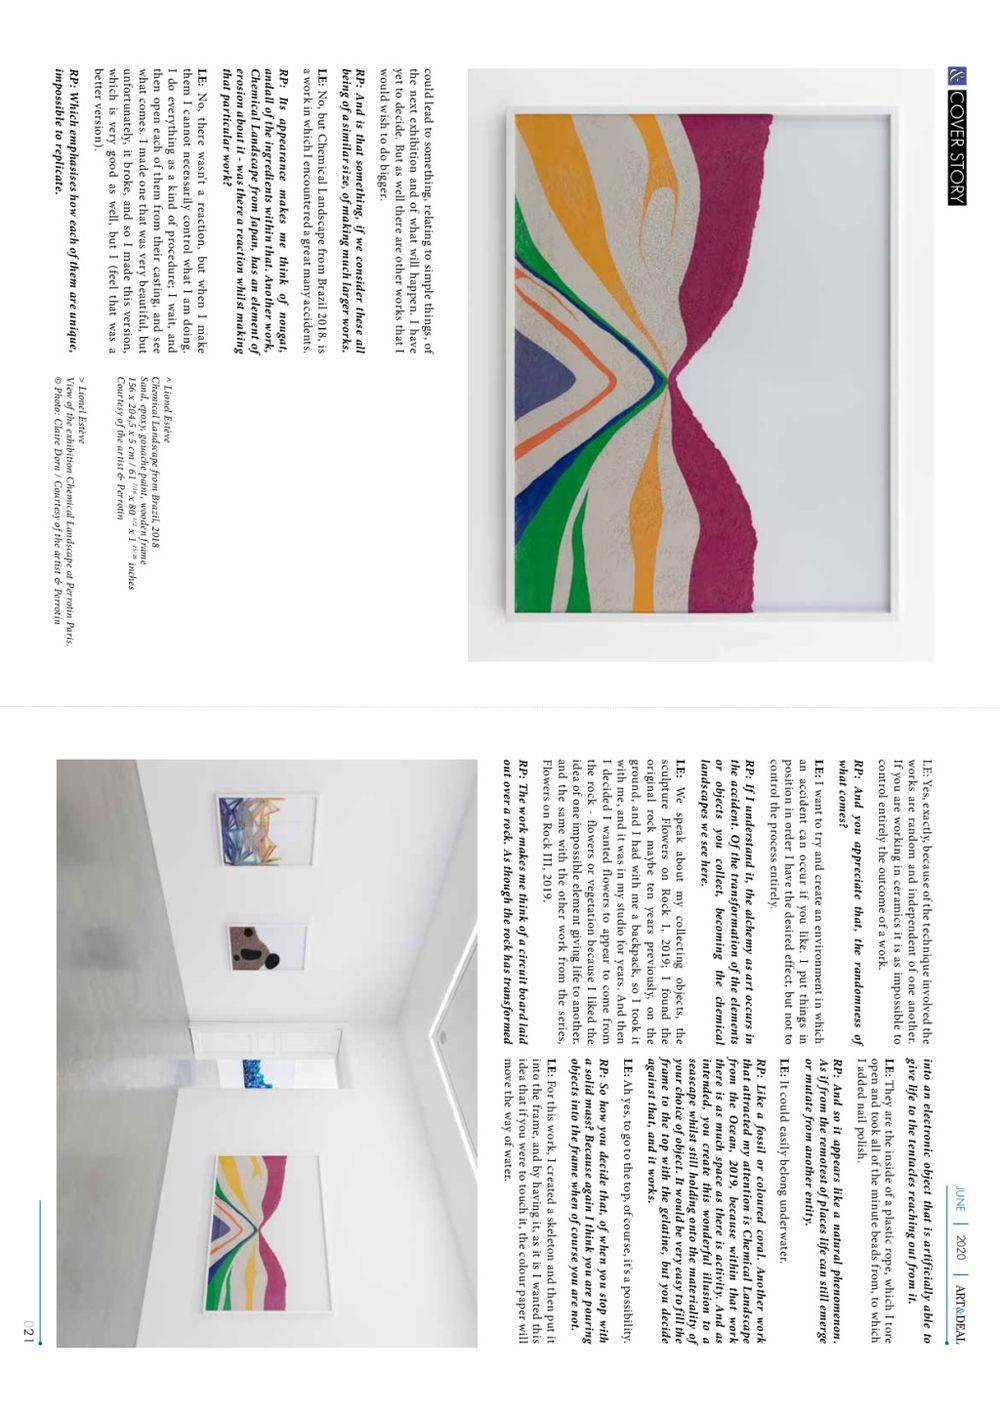 Art & Deal | 萊諾·艾斯提夫